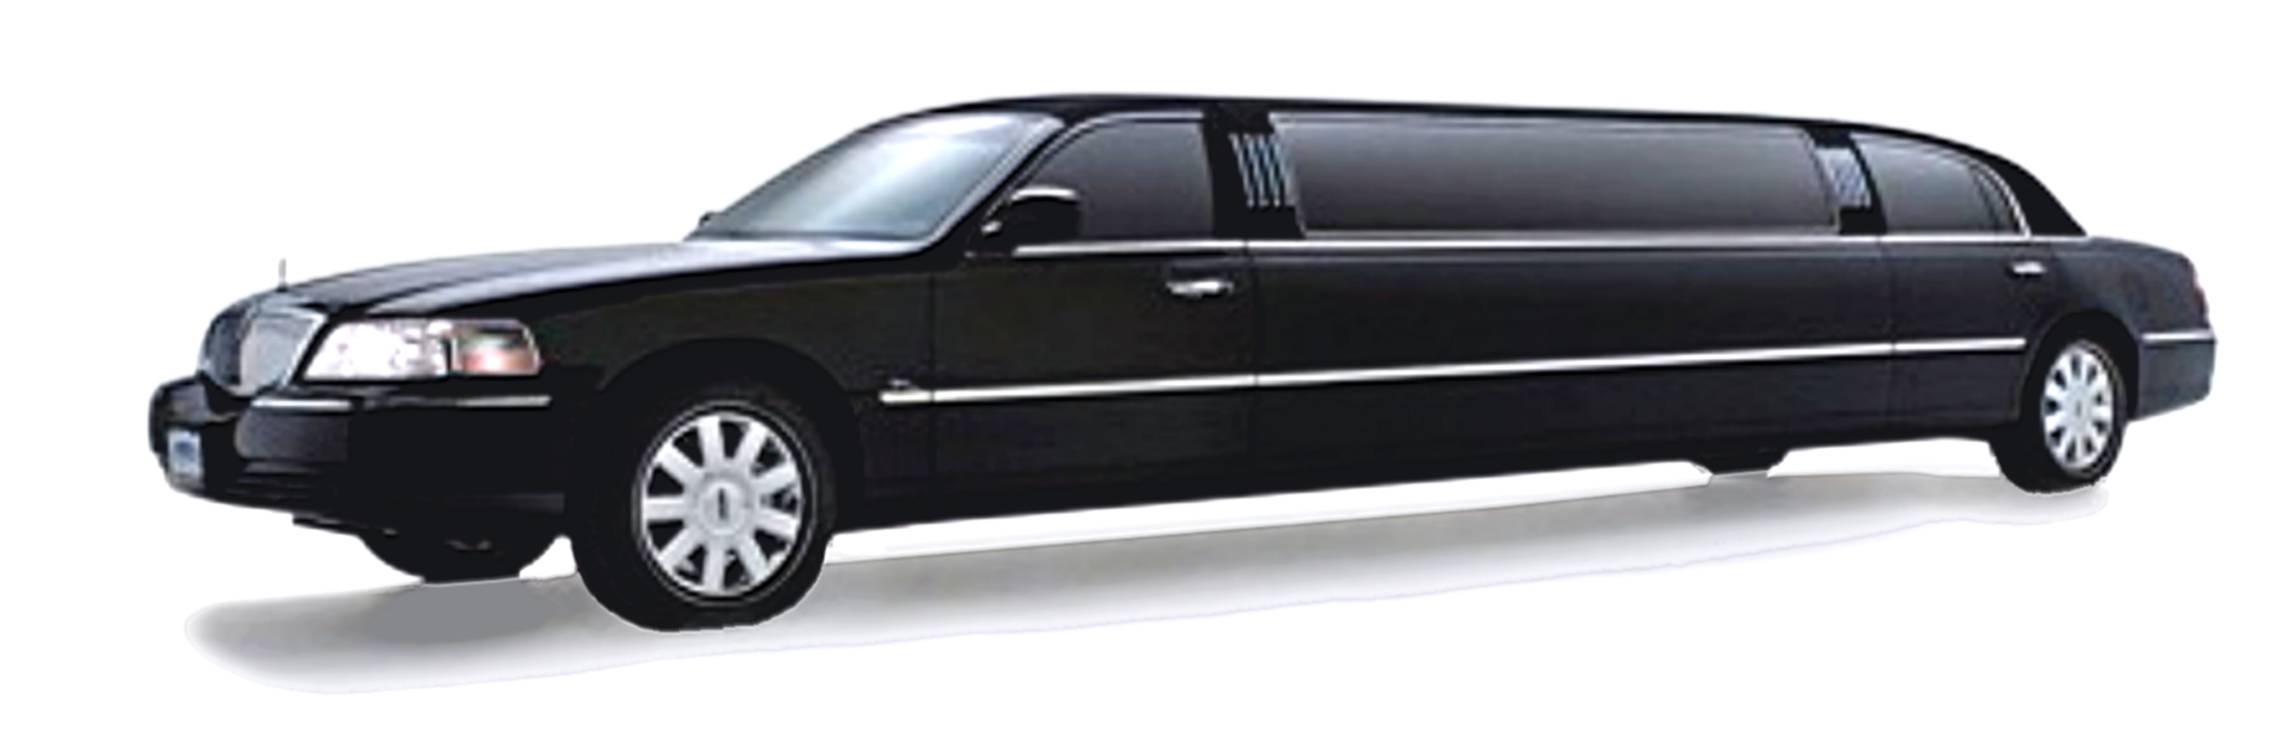 limousine car clipart #20